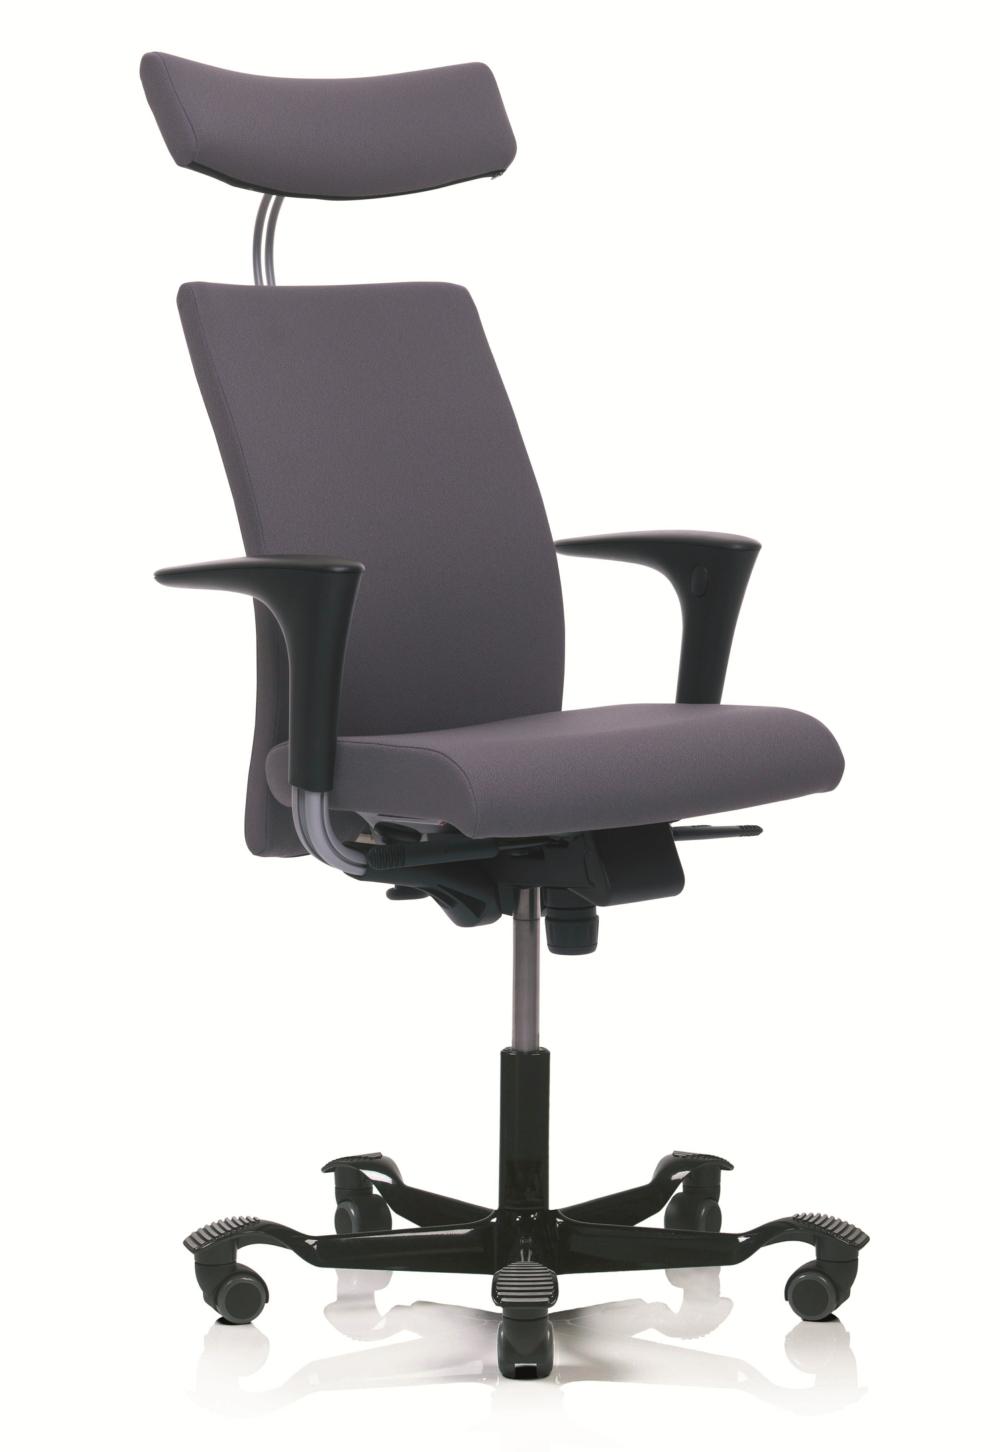 Pleasant Hag H04 4600 Chair Machost Co Dining Chair Design Ideas Machostcouk